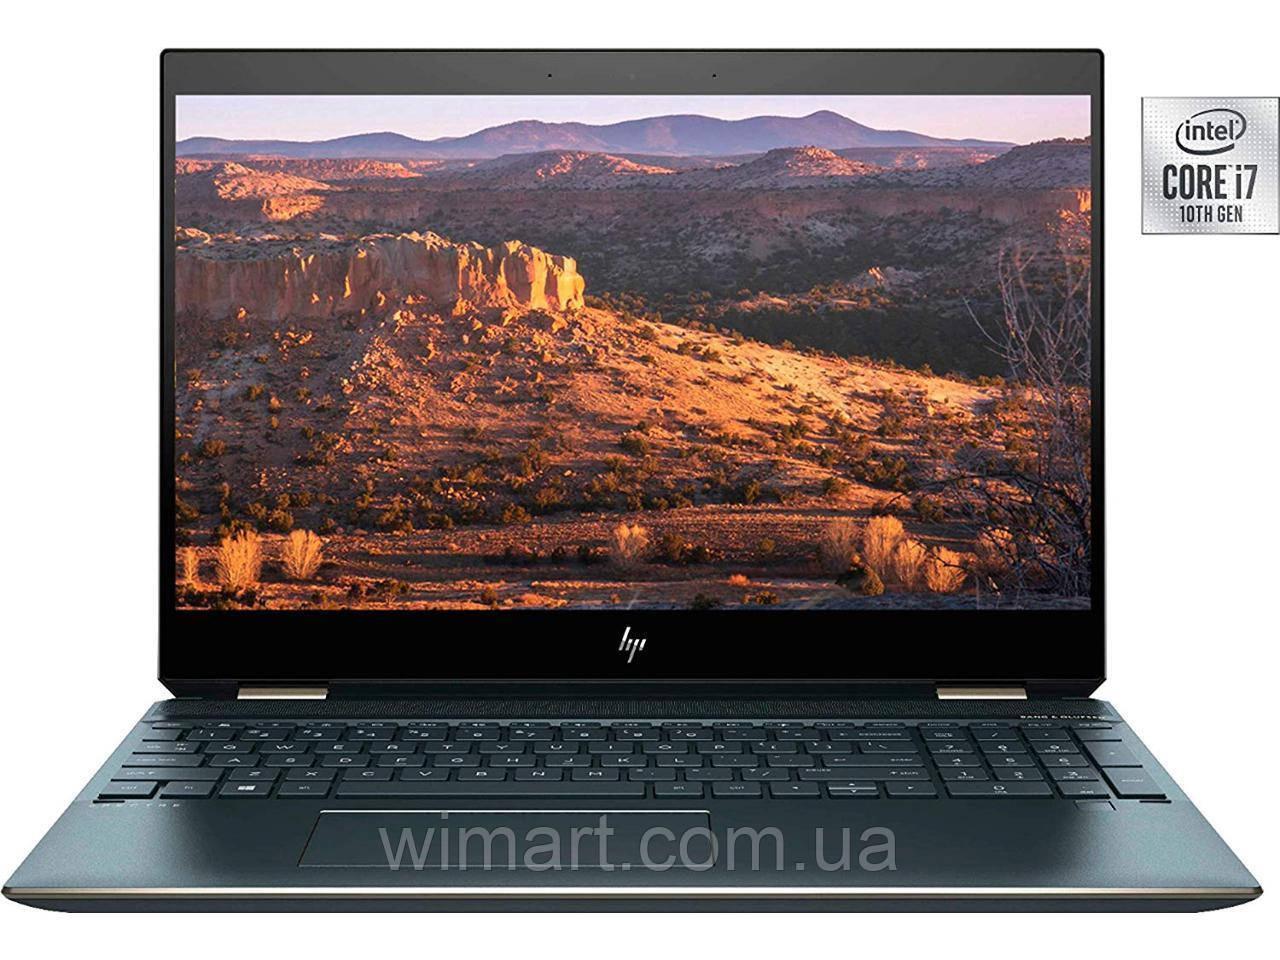 Ноутбук HP SPECTRE x360 CONVERTIBLE 15-EB0097NR (18J18UA).